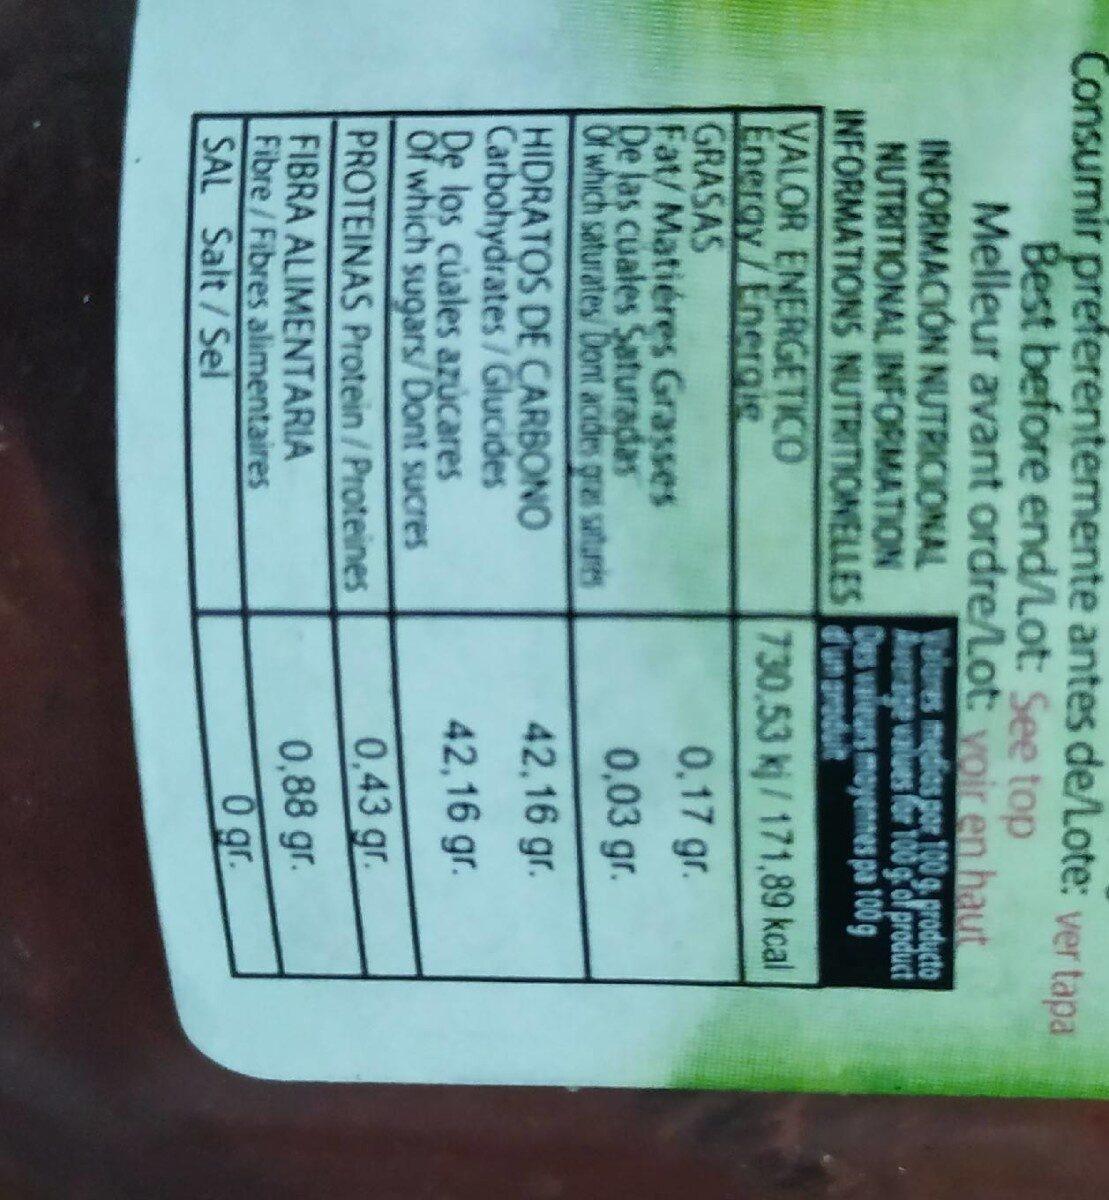 Mermelada de fresa - Voedingswaarden - es